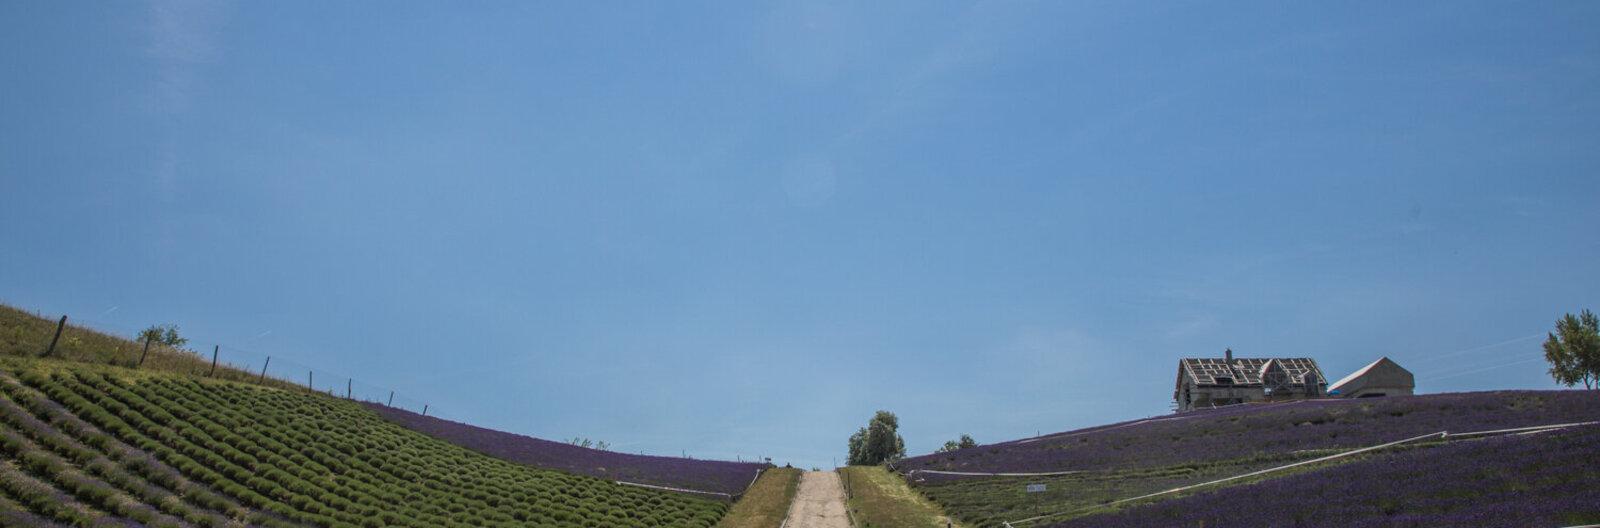 Na, most lesz lila a Balaton! – 5 hely, ahol szedhetsz levendulát